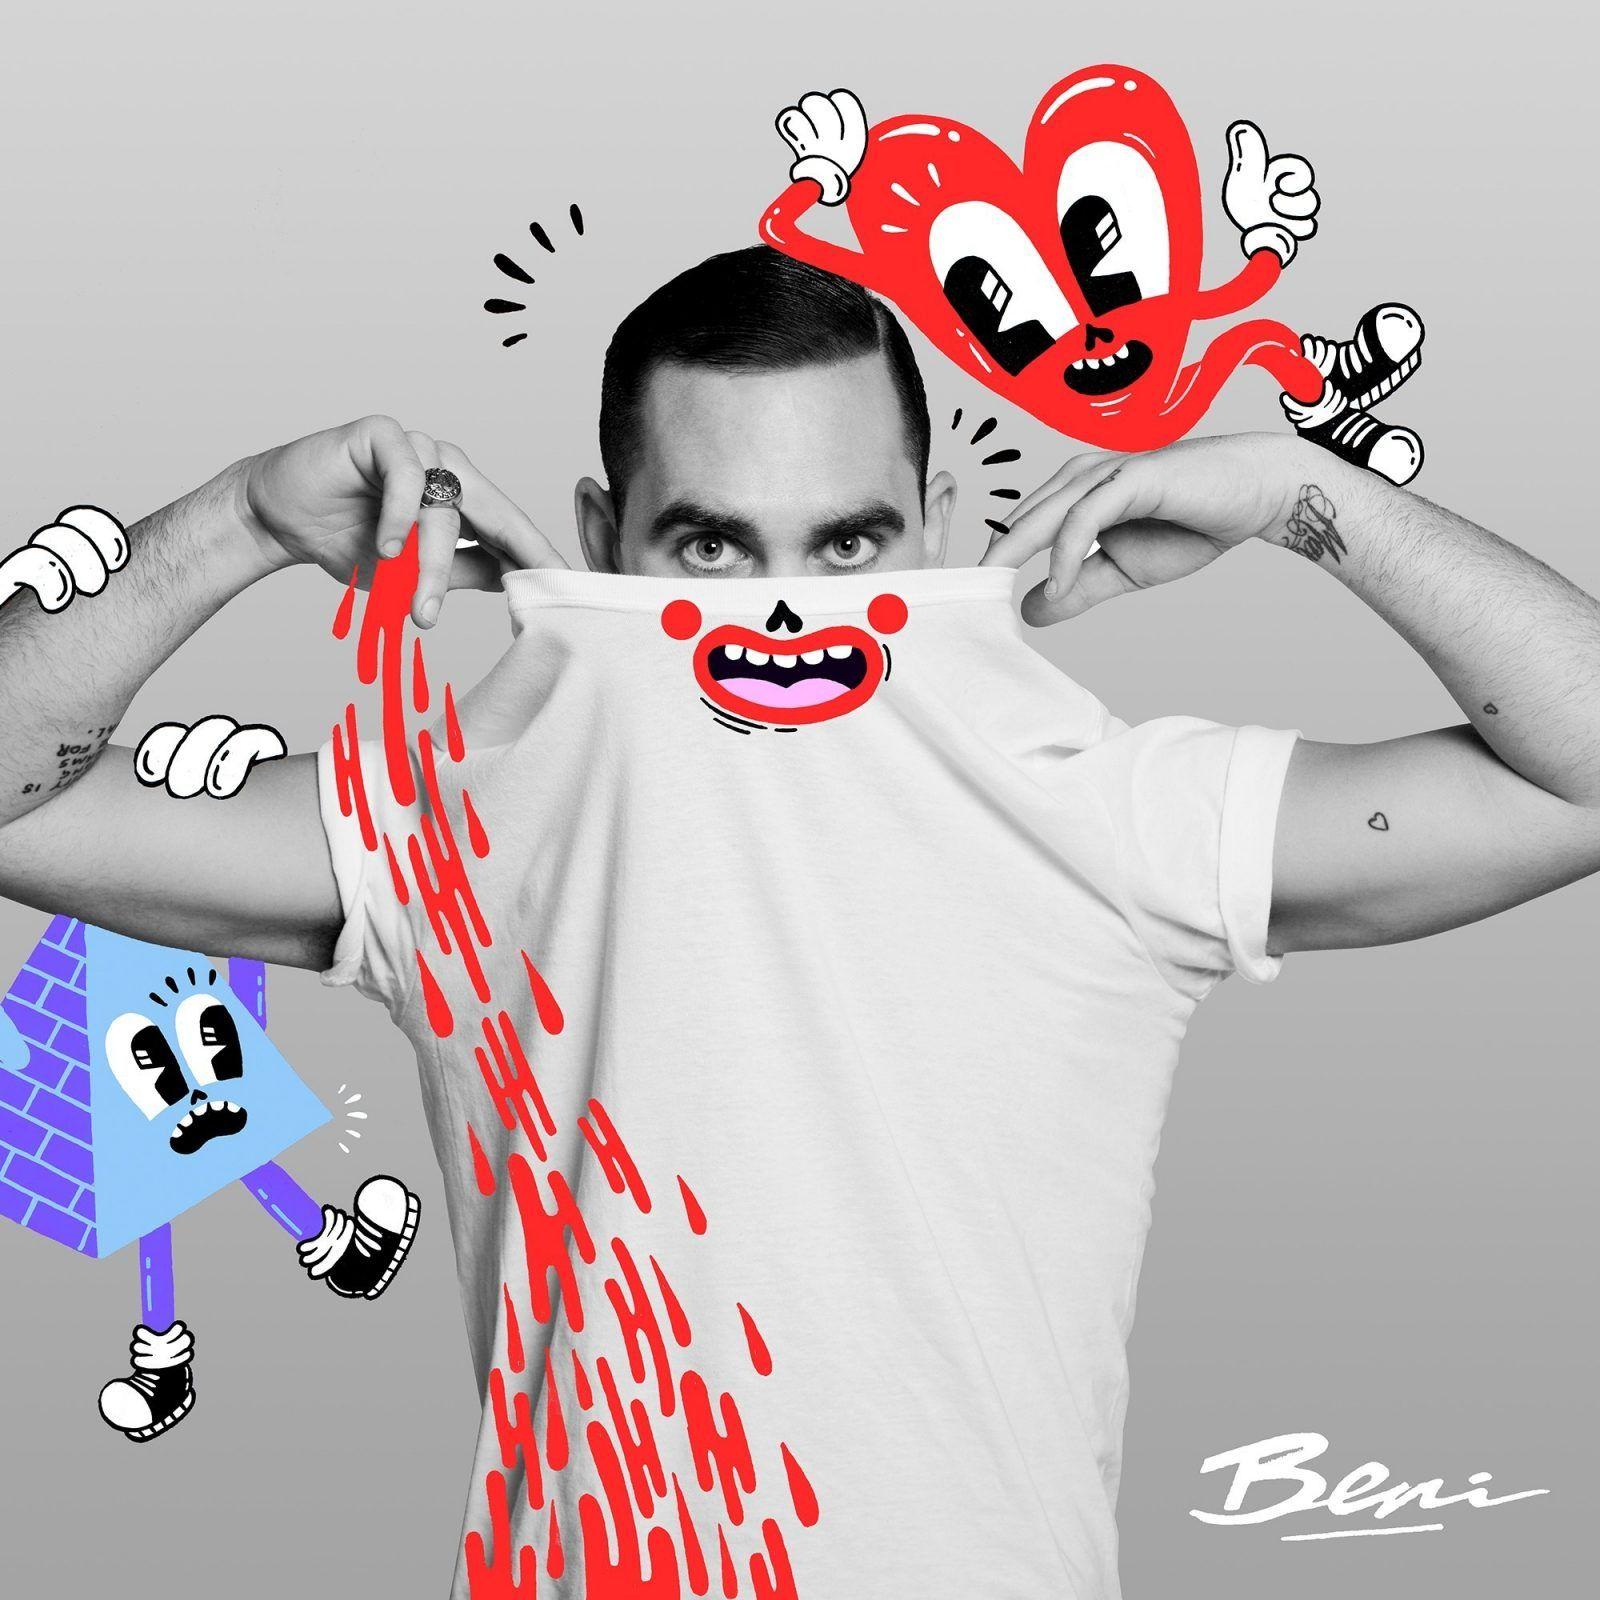 beni-love-run-artwork.jpg